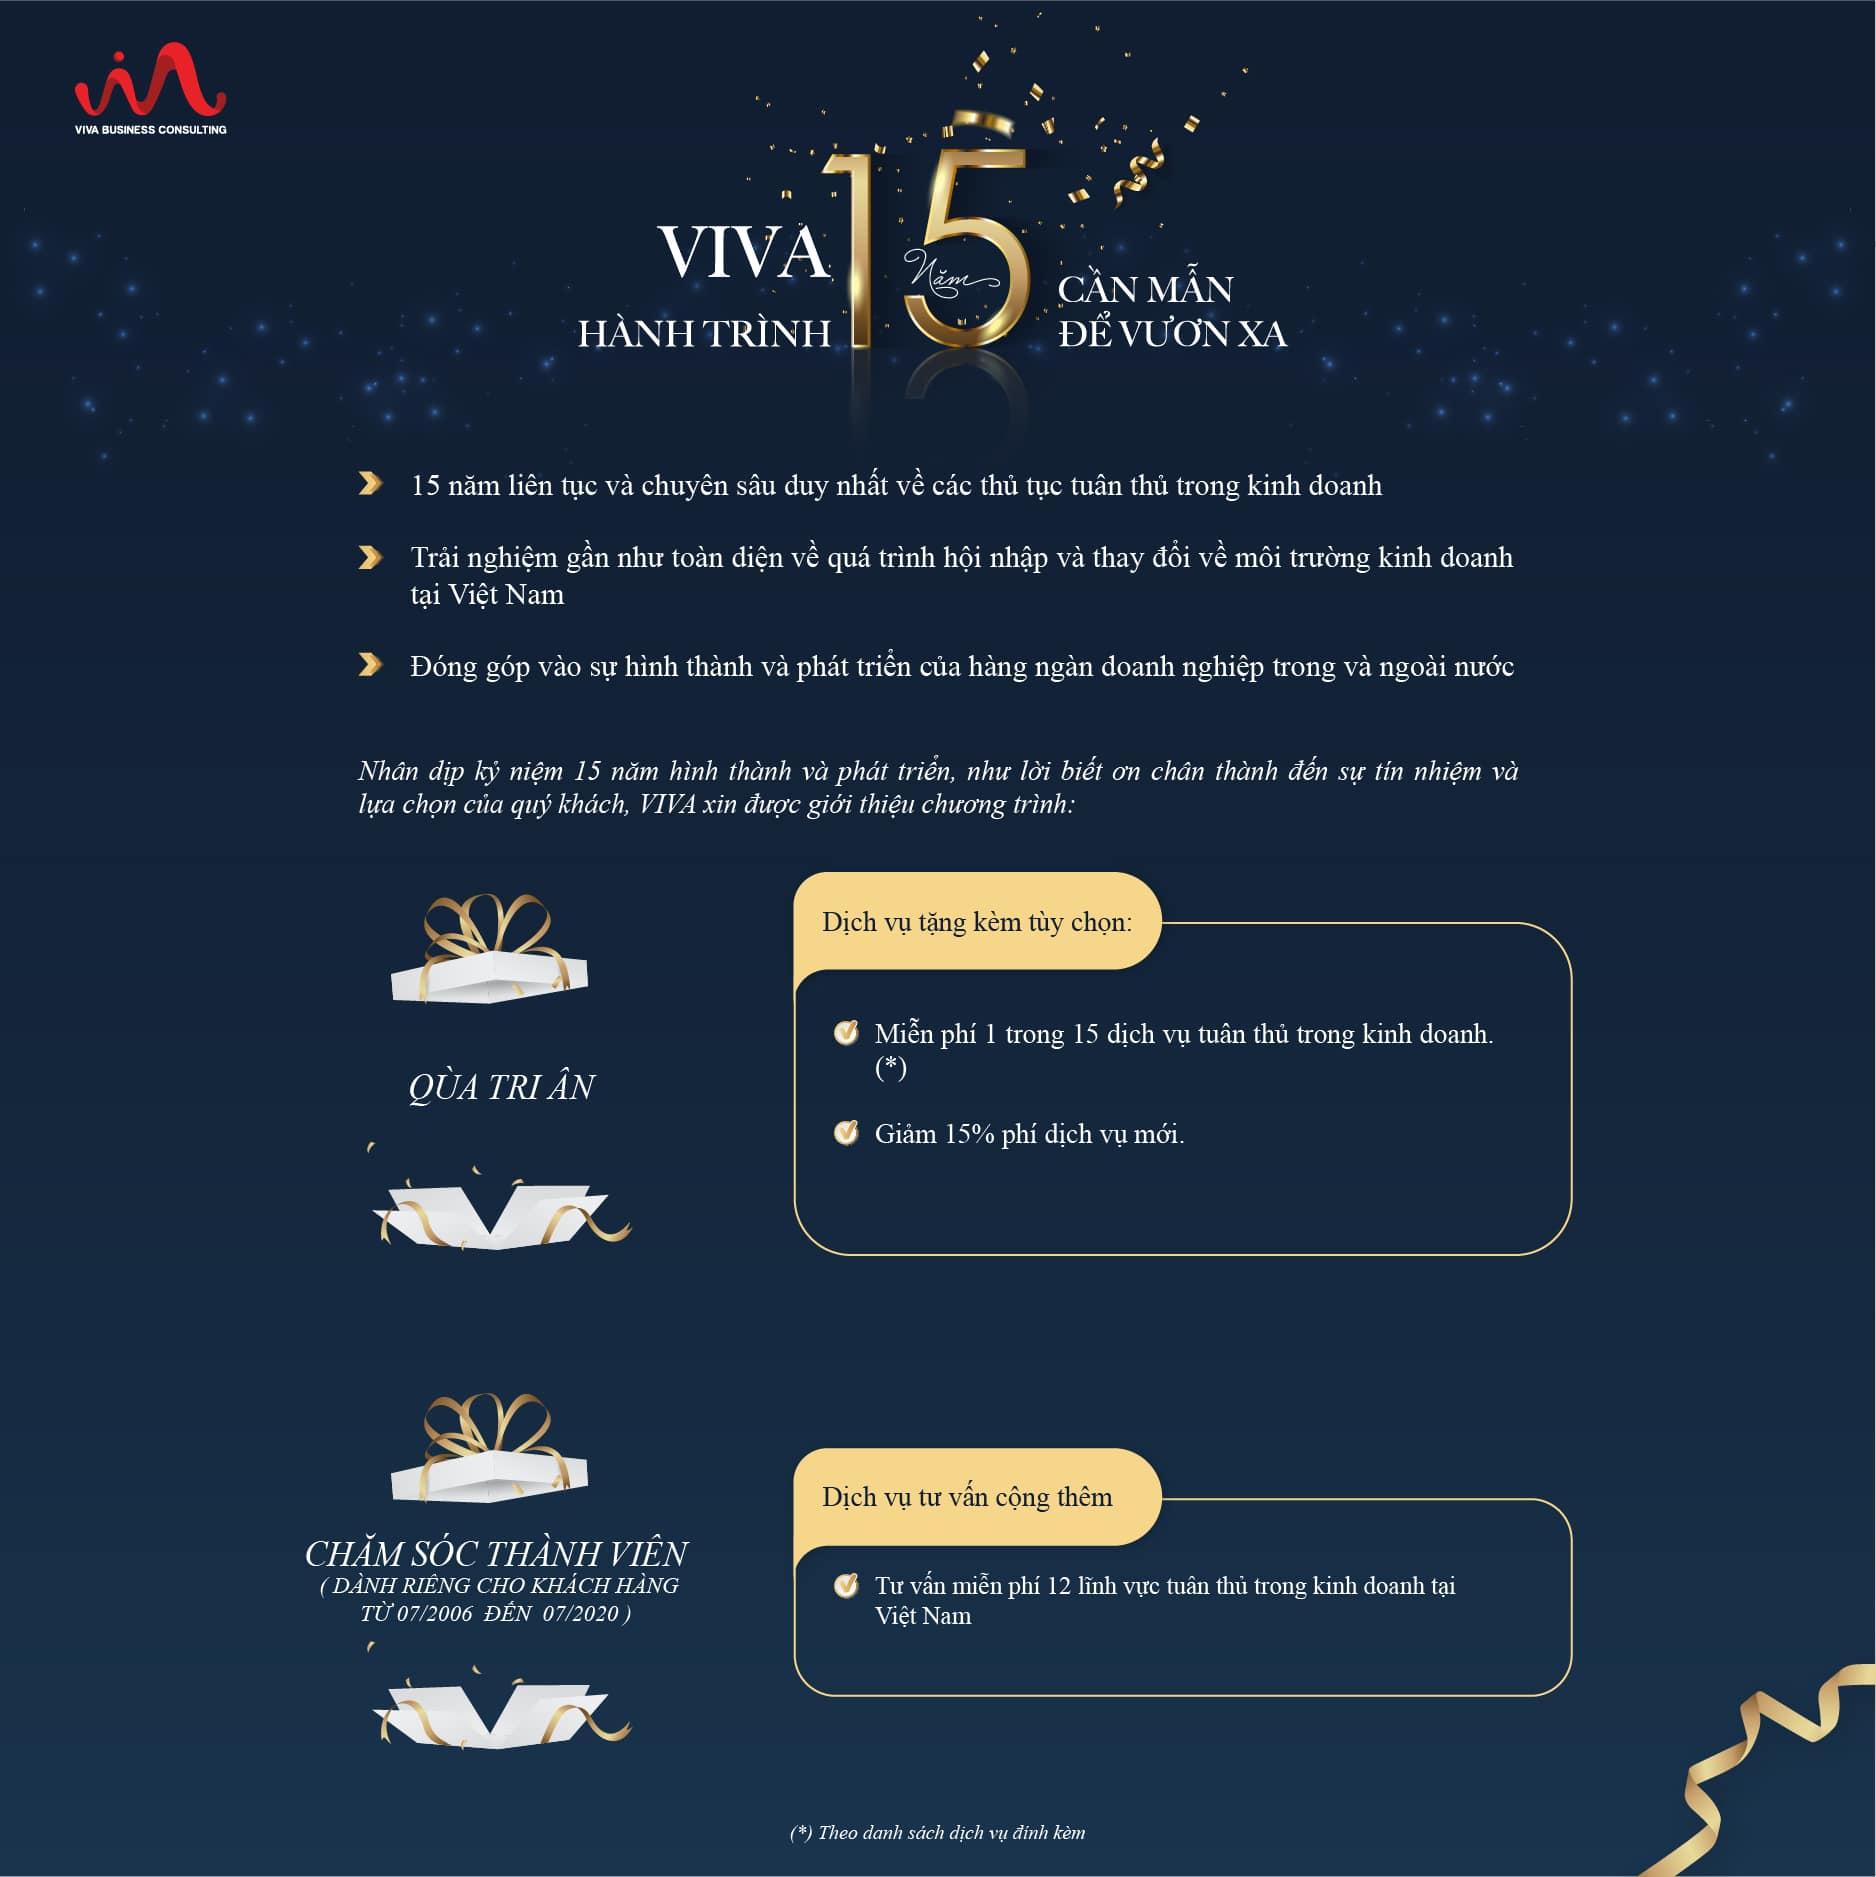 Quà tri ân hành trình 15 năm của Viva